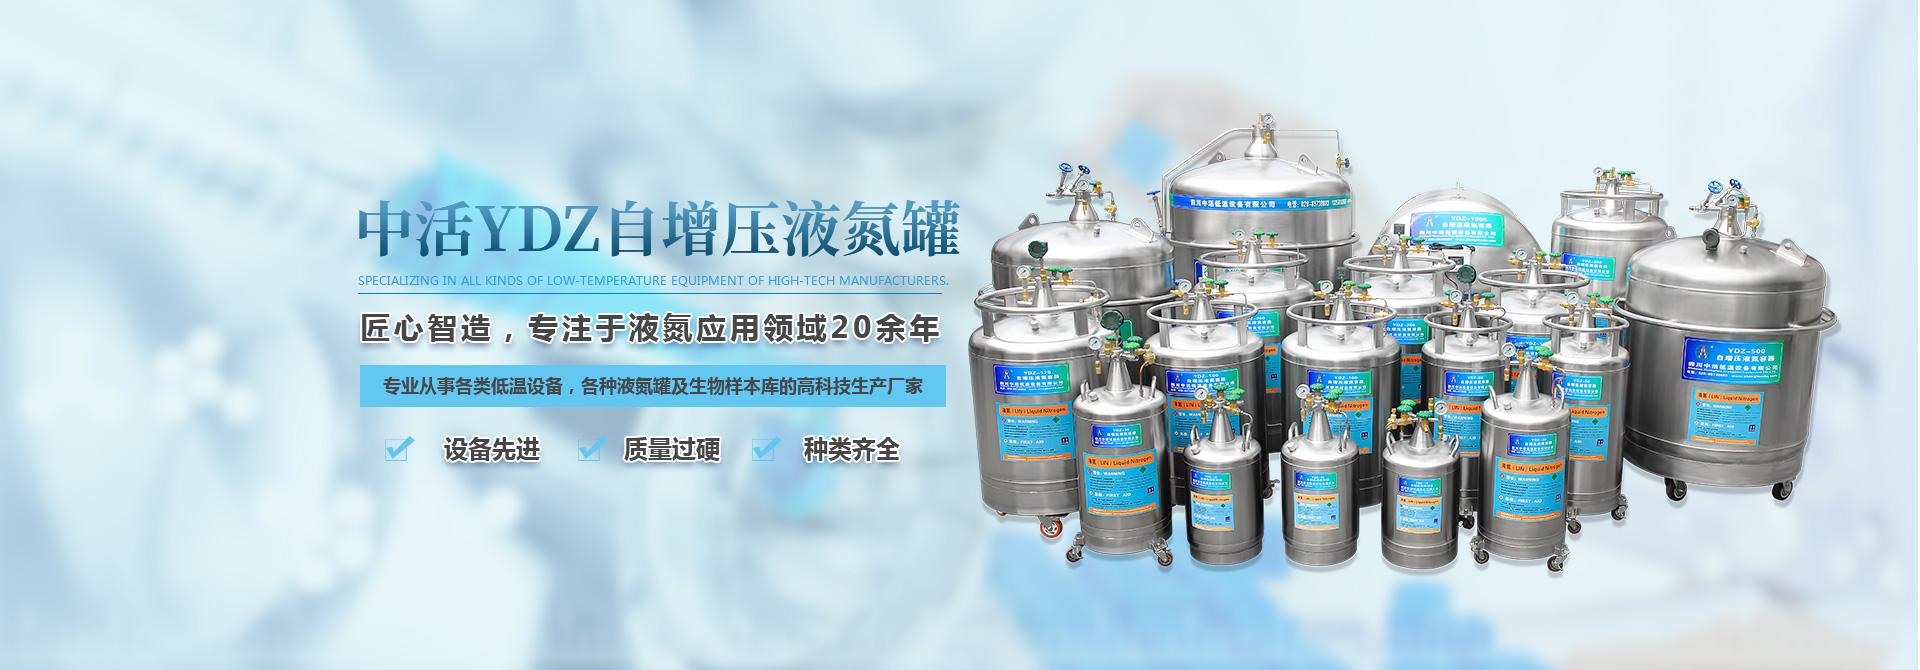 四川低温设备厂家